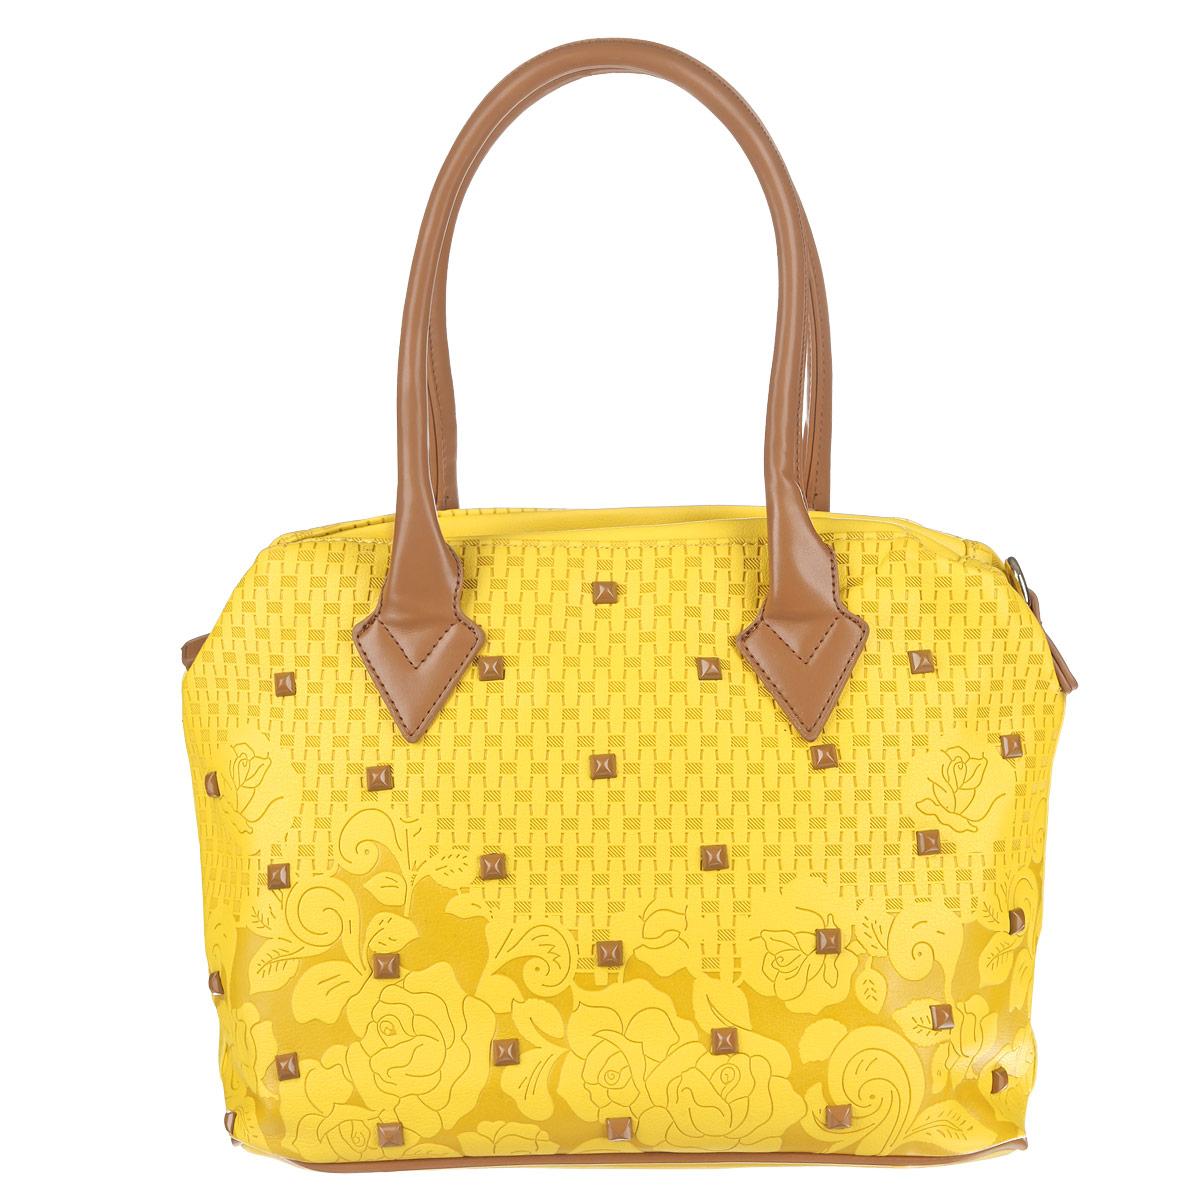 Сумка женская Orsa Oro, цвет: желтый, коричневый. D-801/49D-801/49Женская сумка Orsa Oro выполнена из высококачественной искусственной кожи с тиснением, украшена пластиковыми клепками. Сумка с одним отделением, застегивающимся на молнию. Внутри один карман на молнии и два кармашка для мелочей. Сумка оснащена двумя удобными ручками и съемным ремнем, длина которого регулируется пряжкой. Ремень крепится по бокам сумки с помощью карабинов. Эффектная сумка Orsa Oro подчеркнет вашу яркую индивидуальность и сделает образ завершенным.